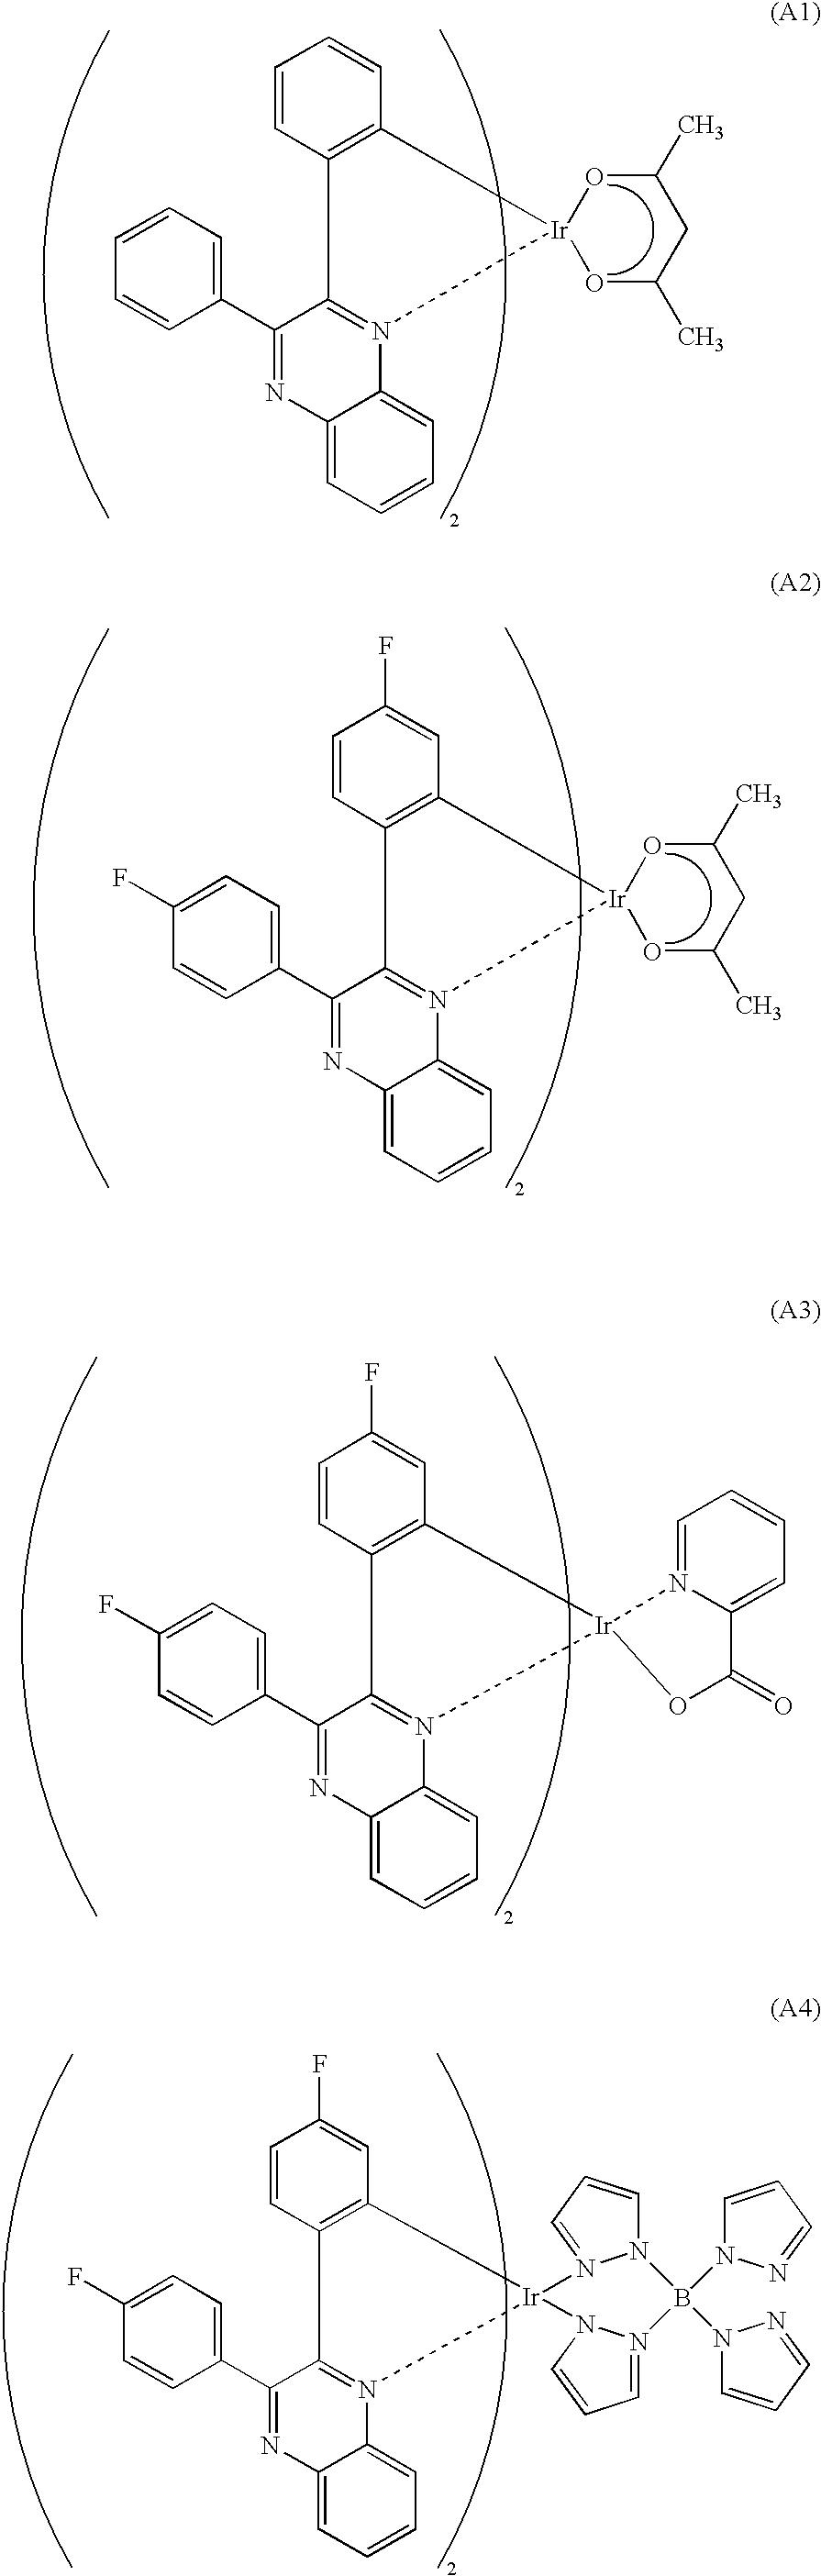 Figure US20100059741A1-20100311-C00001